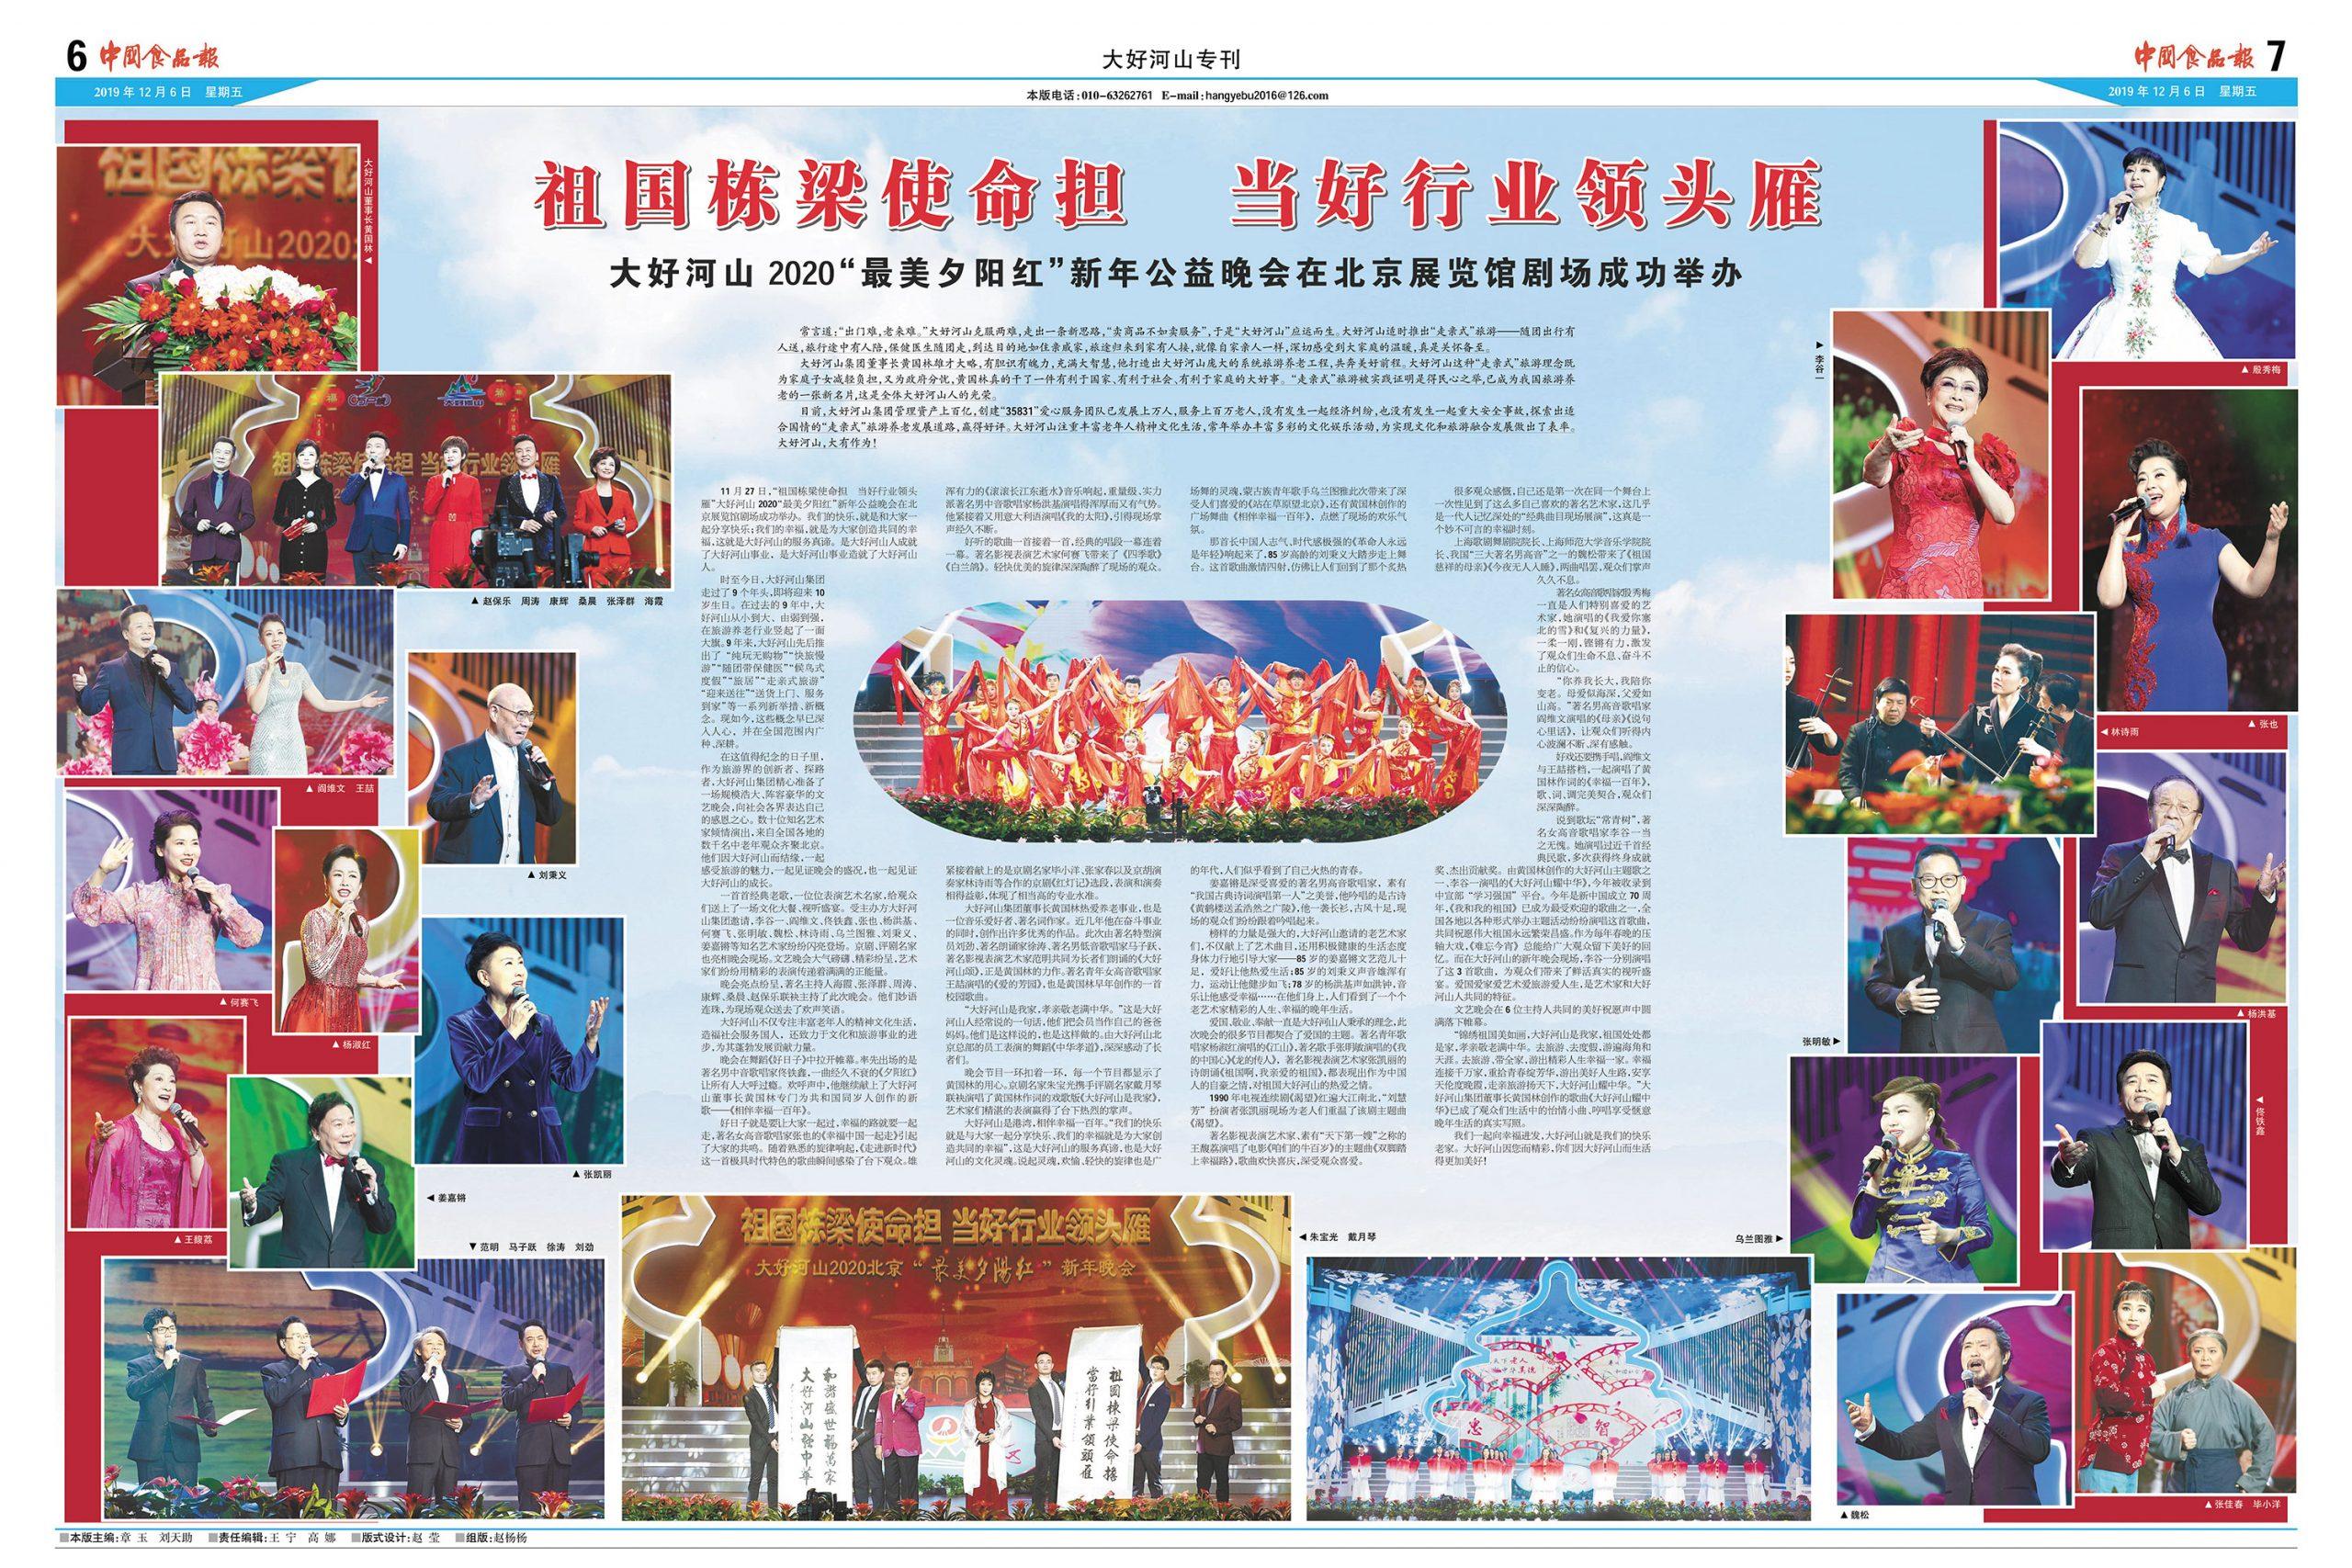 中国食品报 2019-12-06 专刊6-7